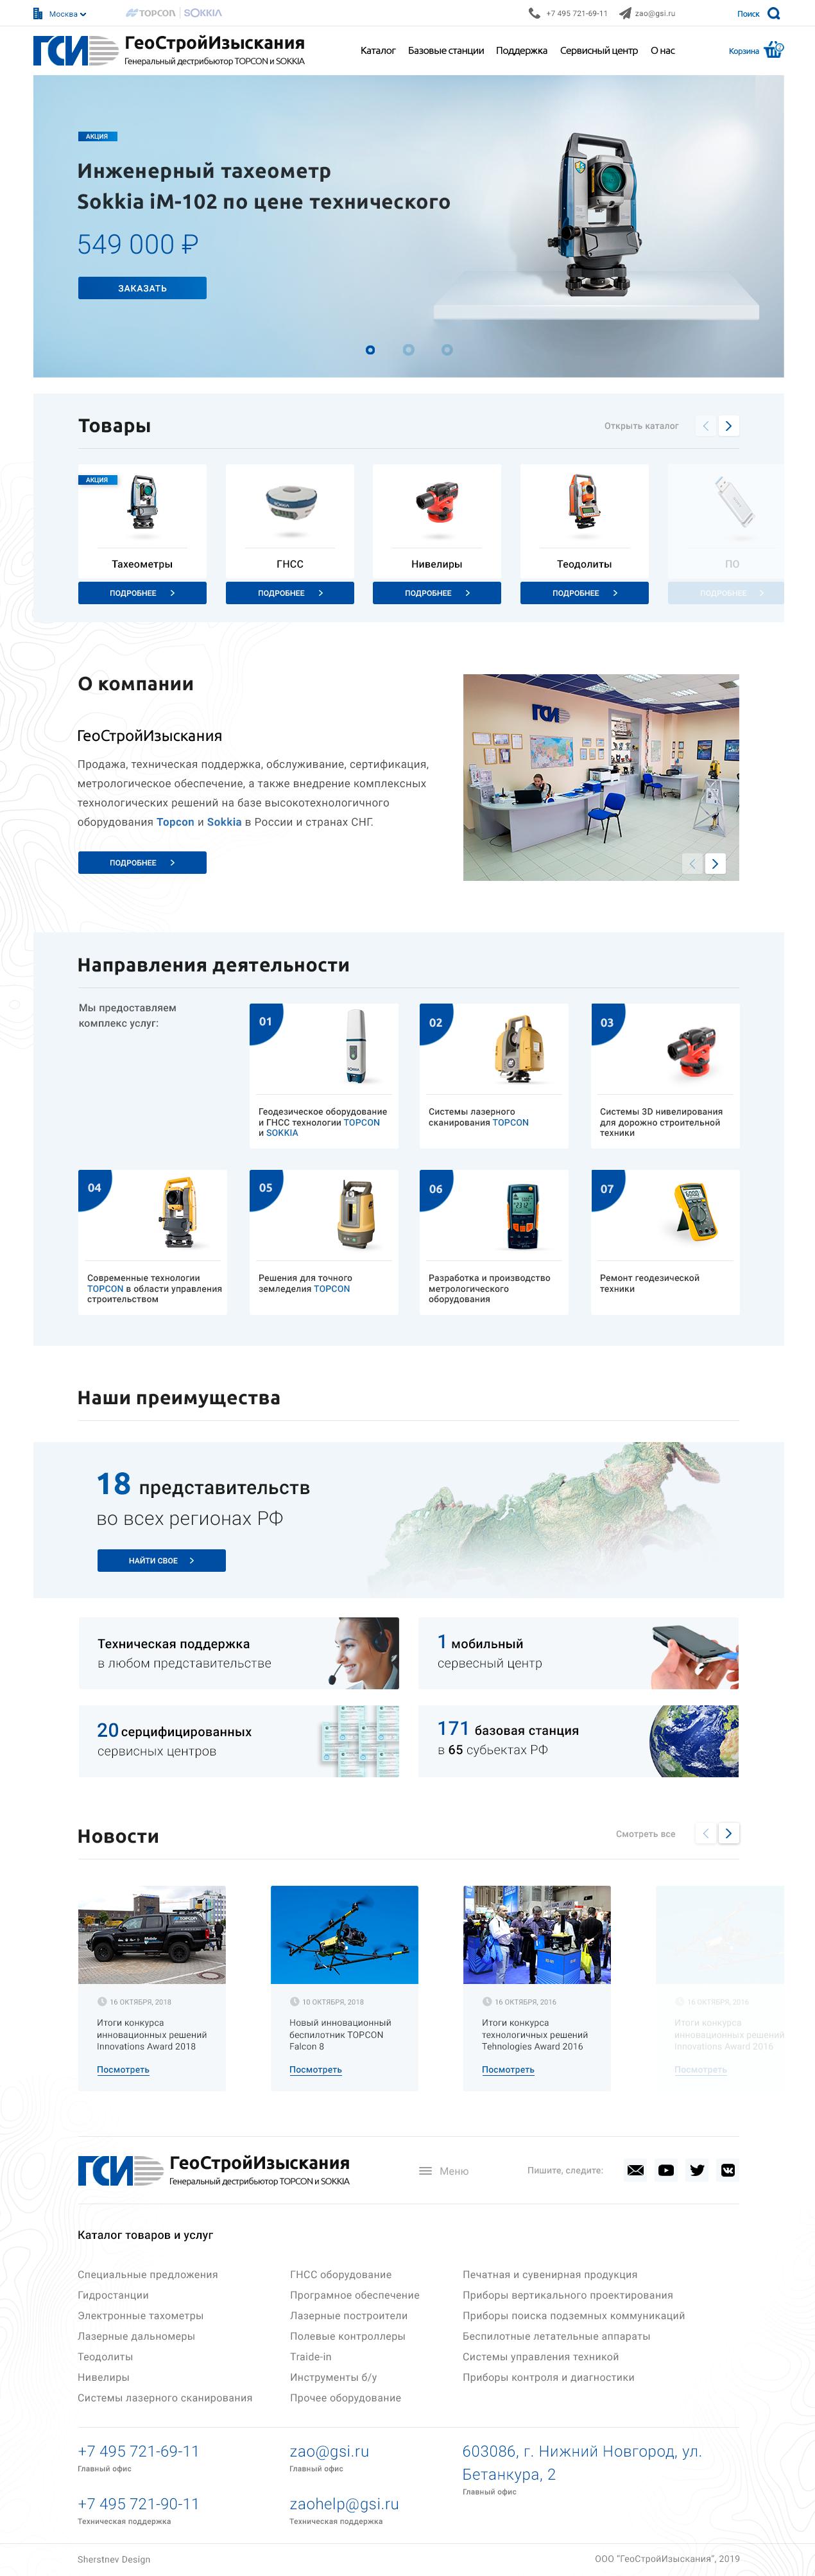 Редизайн имиджевого интернет-магазина